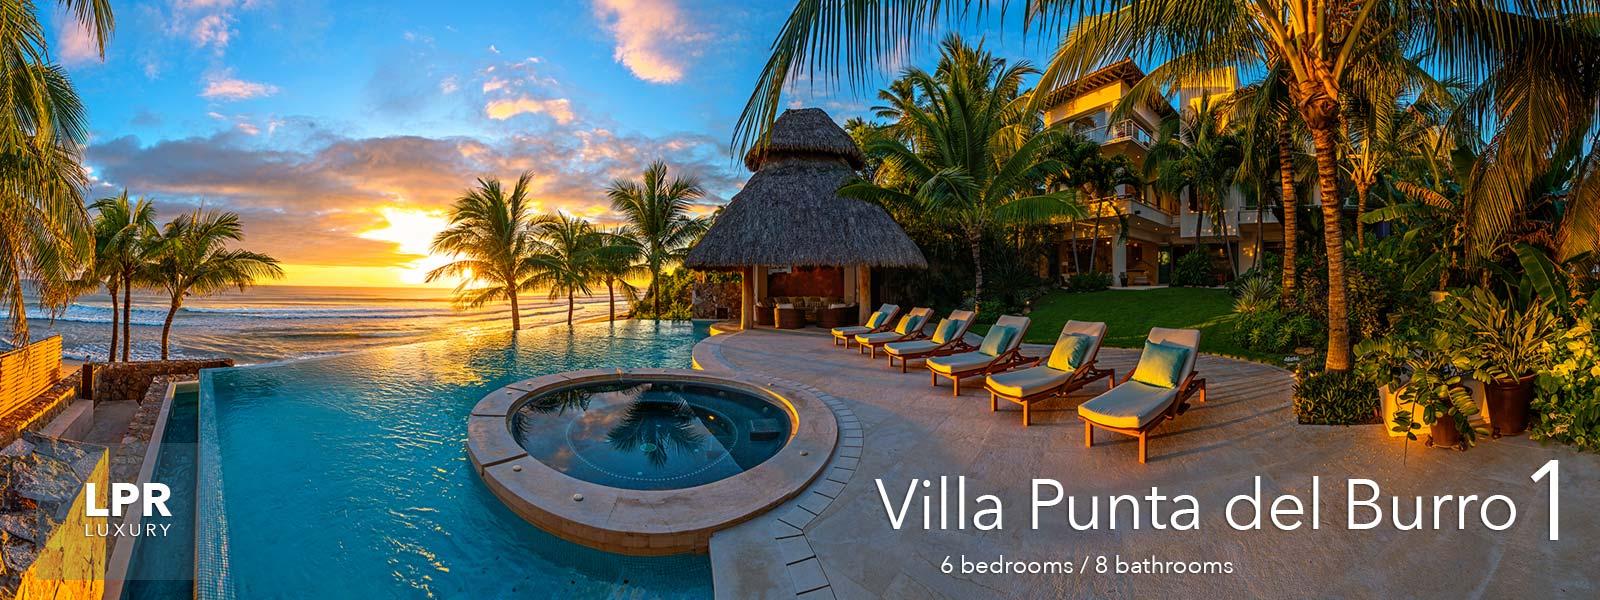 Villa Punta del Burro 1 - Ultra Luxury Punta de Mita Real Estate - Beach Vacation Villa For Sale in Mexico